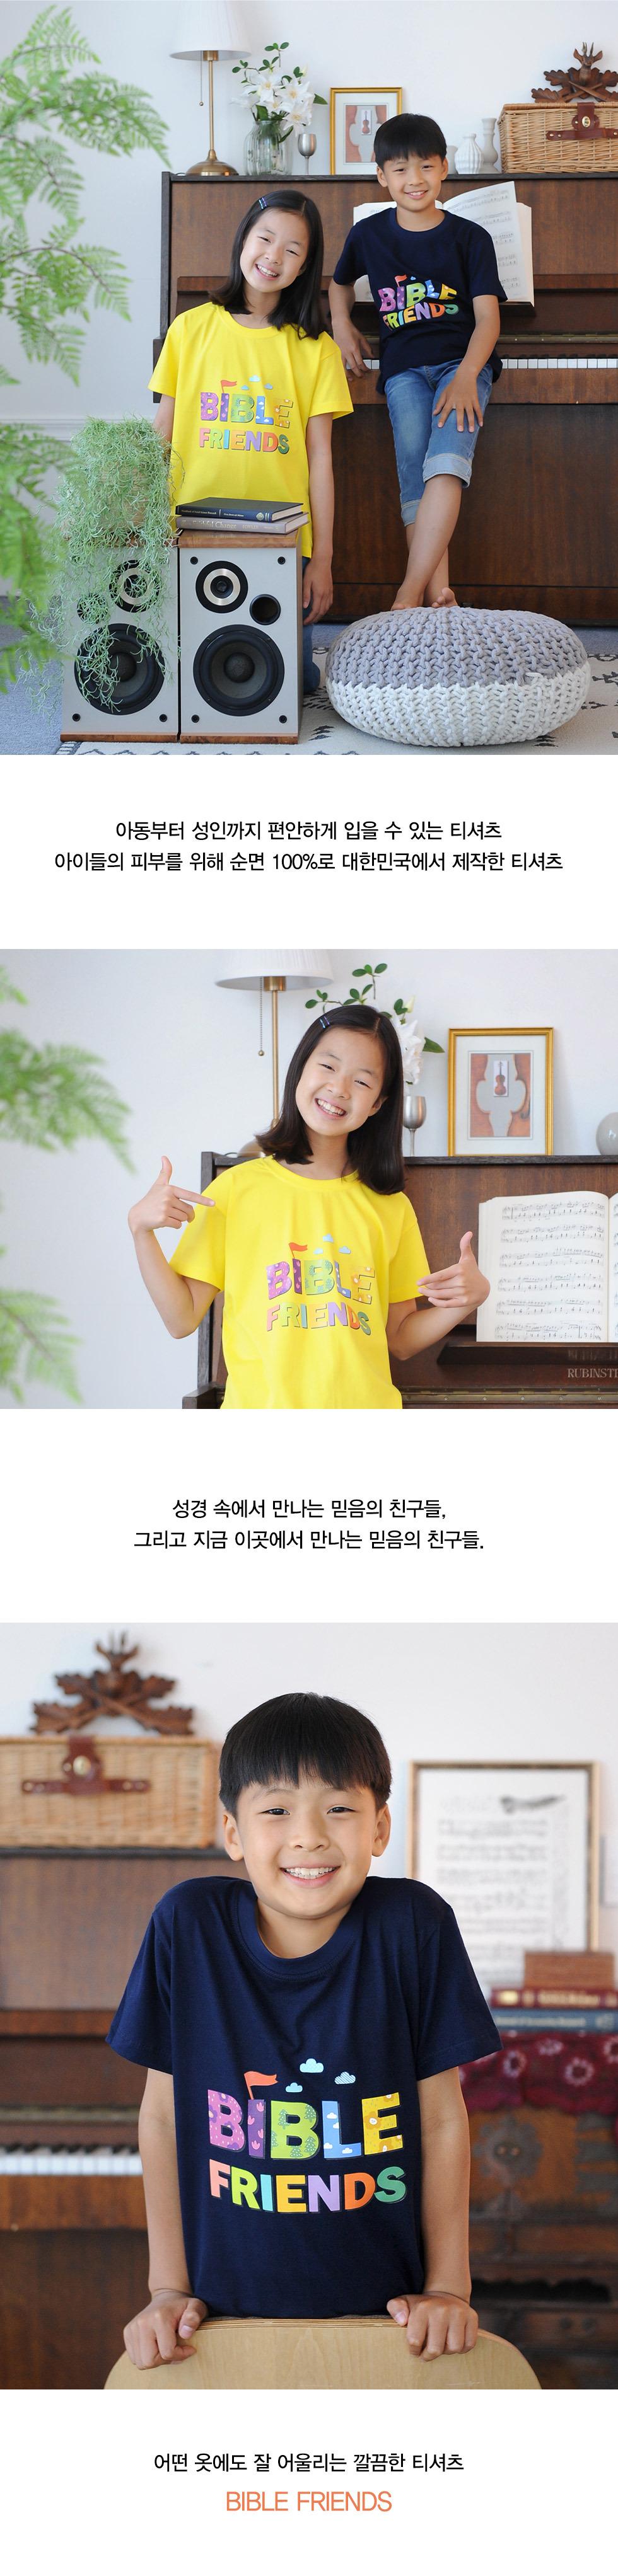 교회단체티 Bible Friends 바이블 아동용 특징